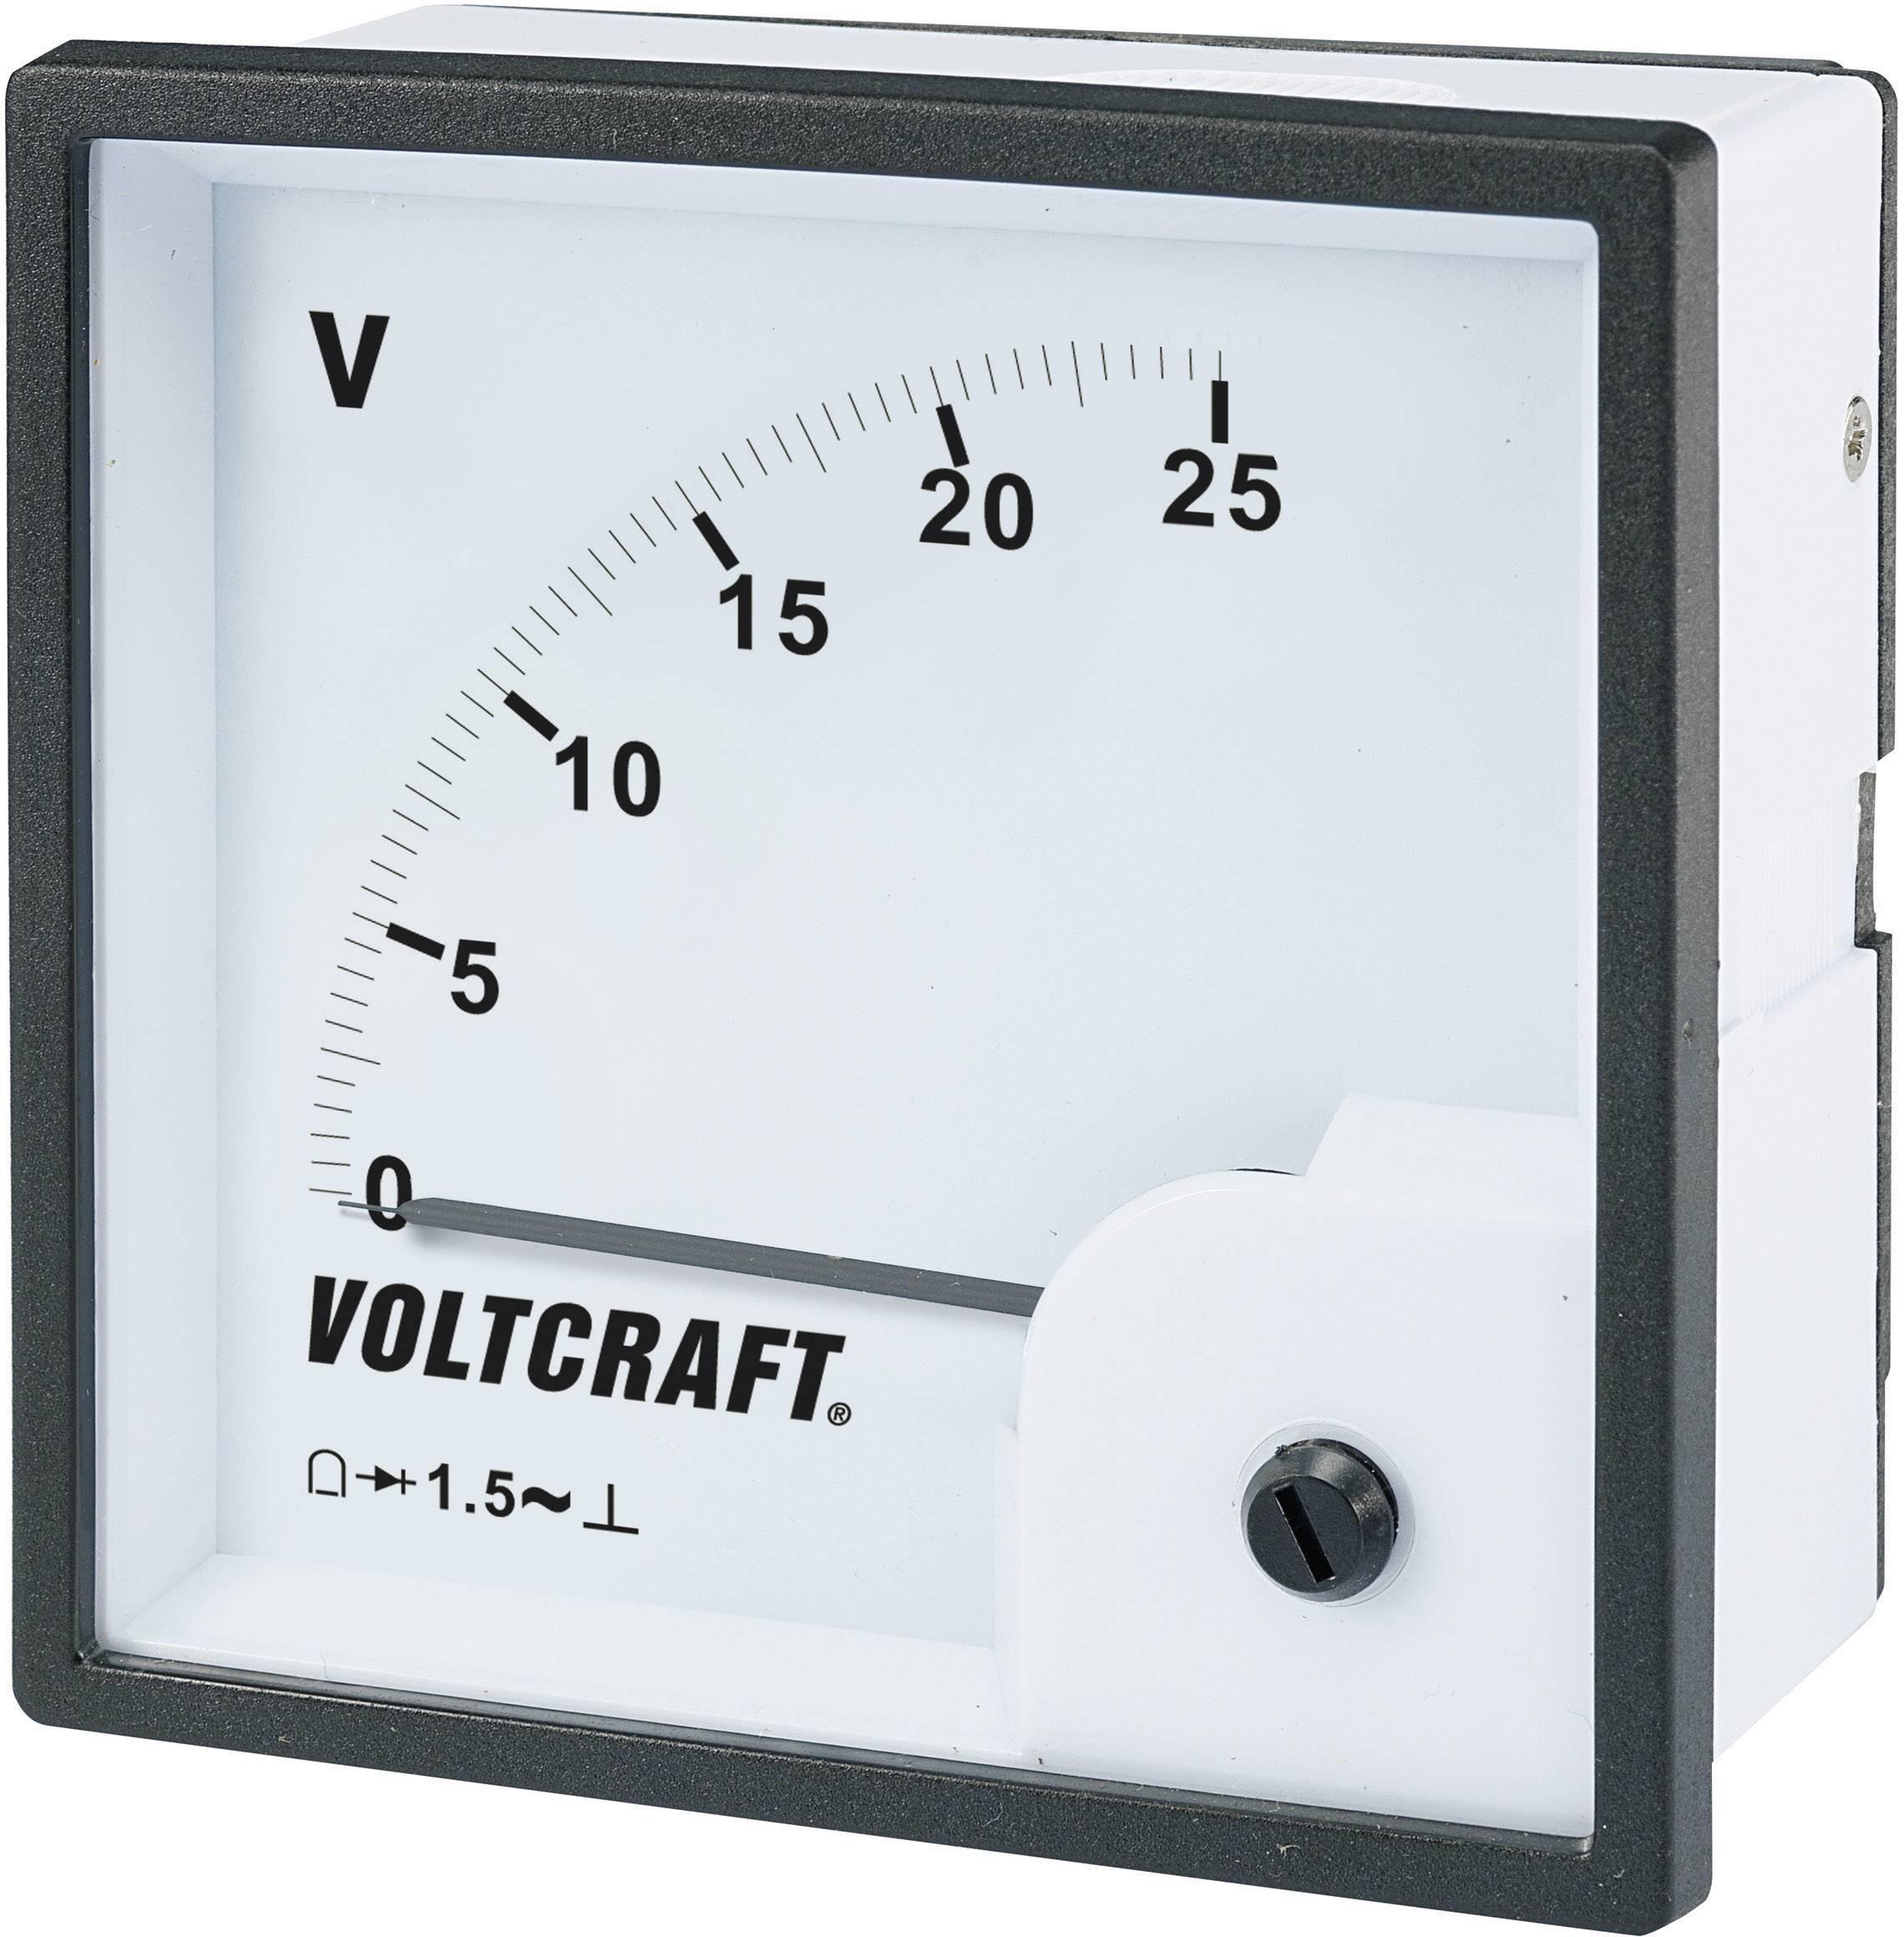 Analógové panelové magnetoelektrické meradlo Voltcraft AM-96x96 / 25 V